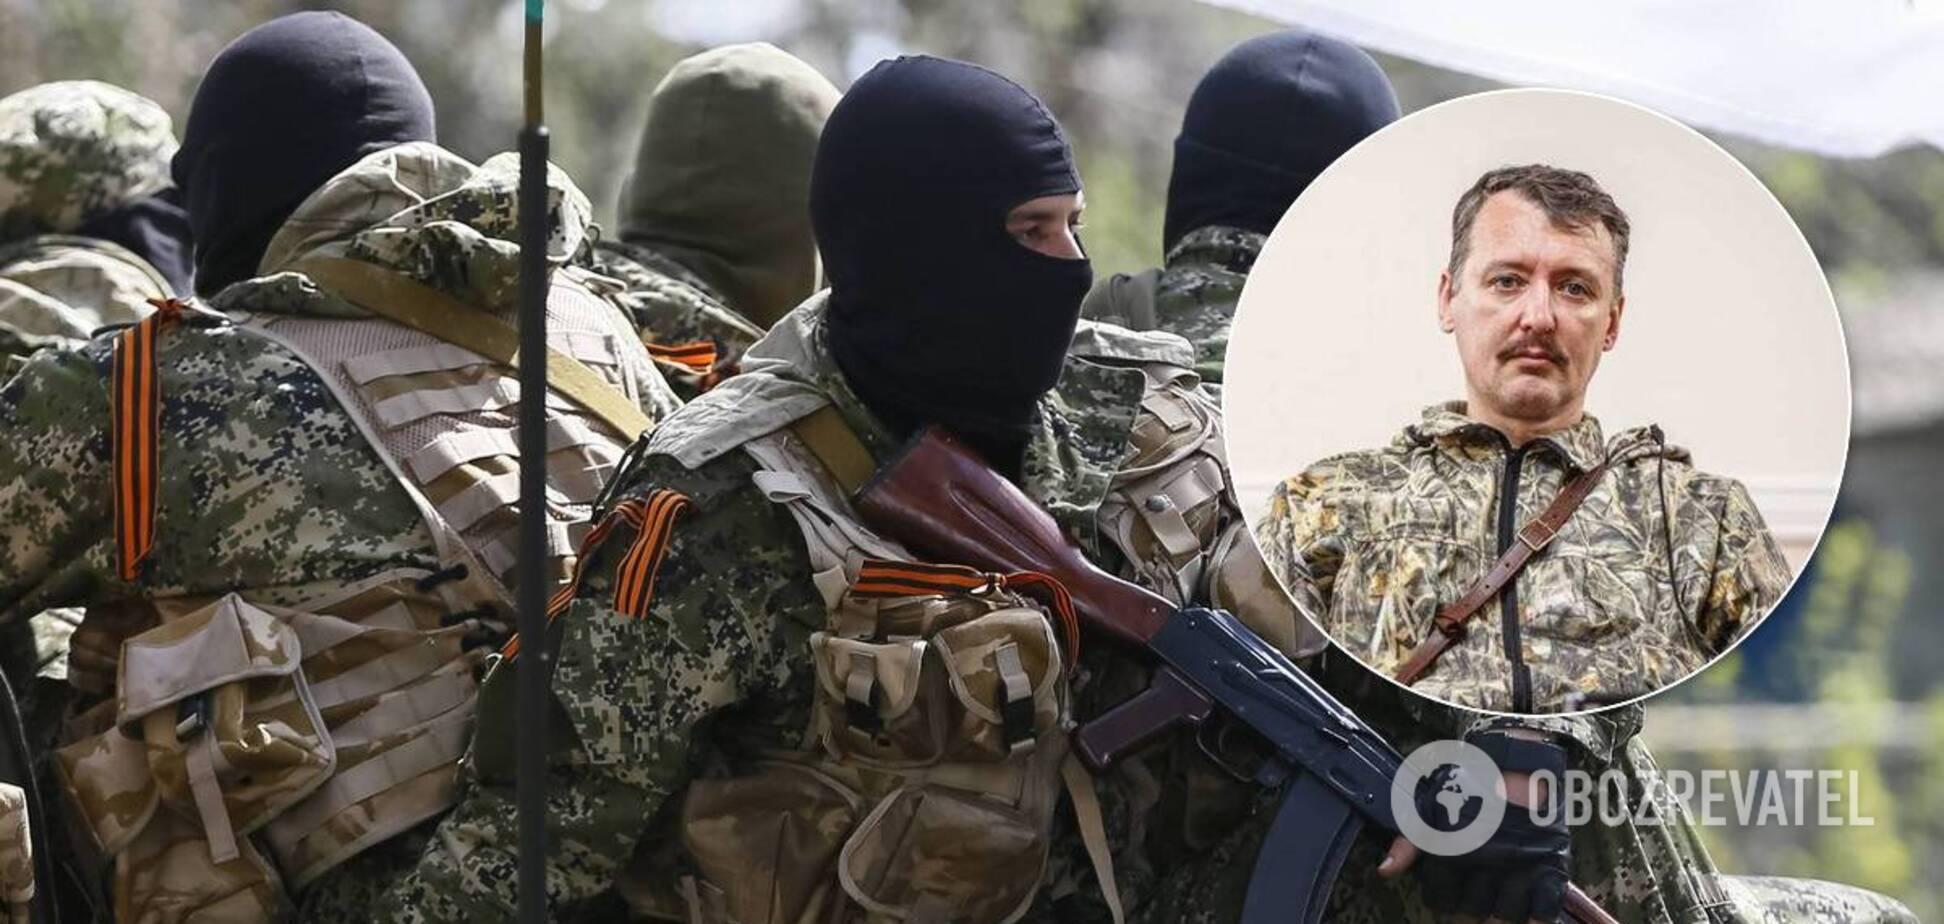 СМИ назвали имена террористов, причастных к казни людей на Донбассе в 2014 году